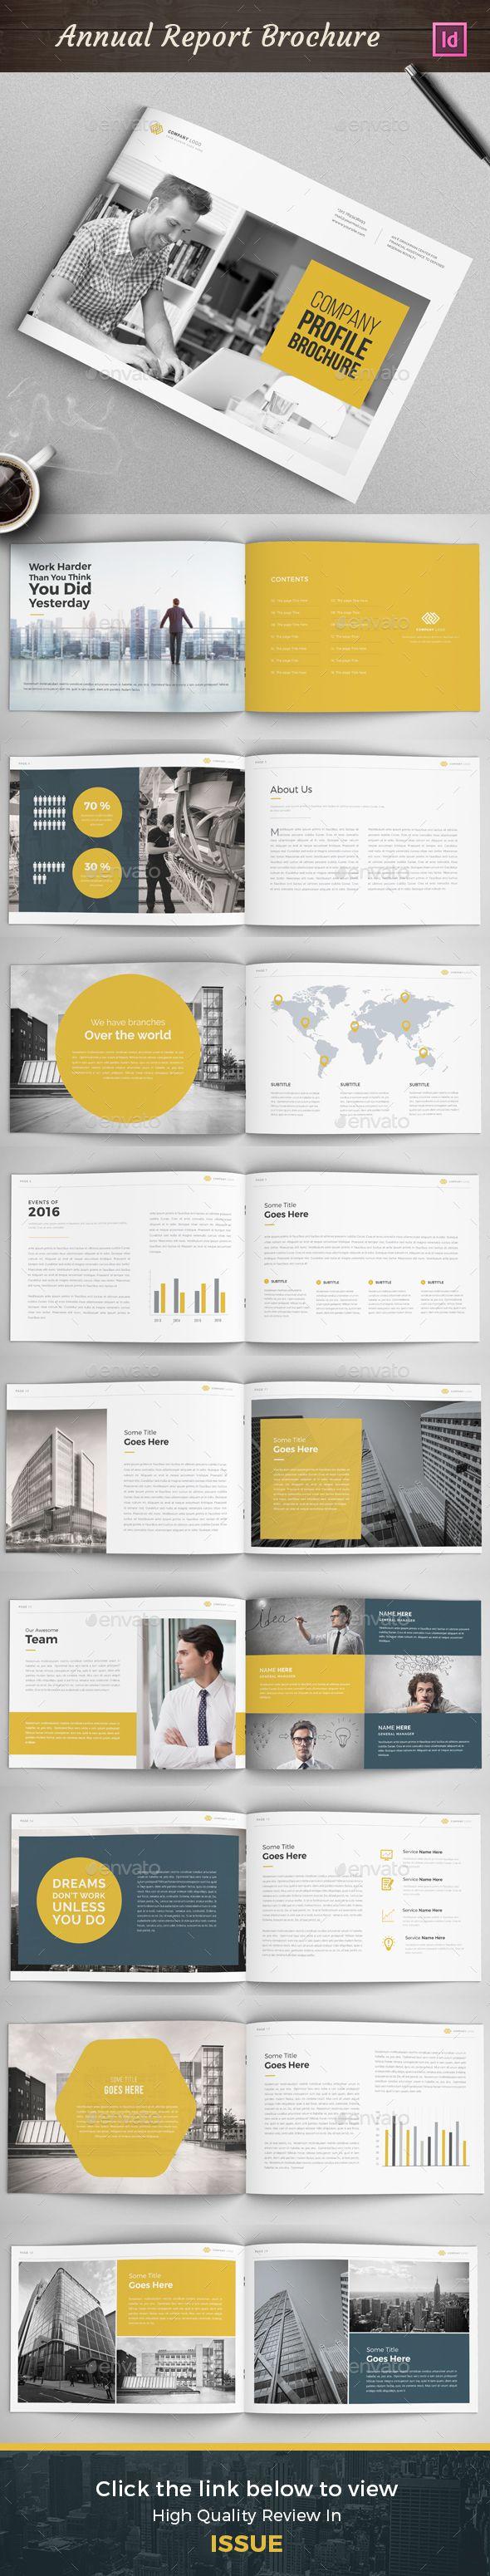 Annual Report - Company Profile 02   Company profile, Annual ...